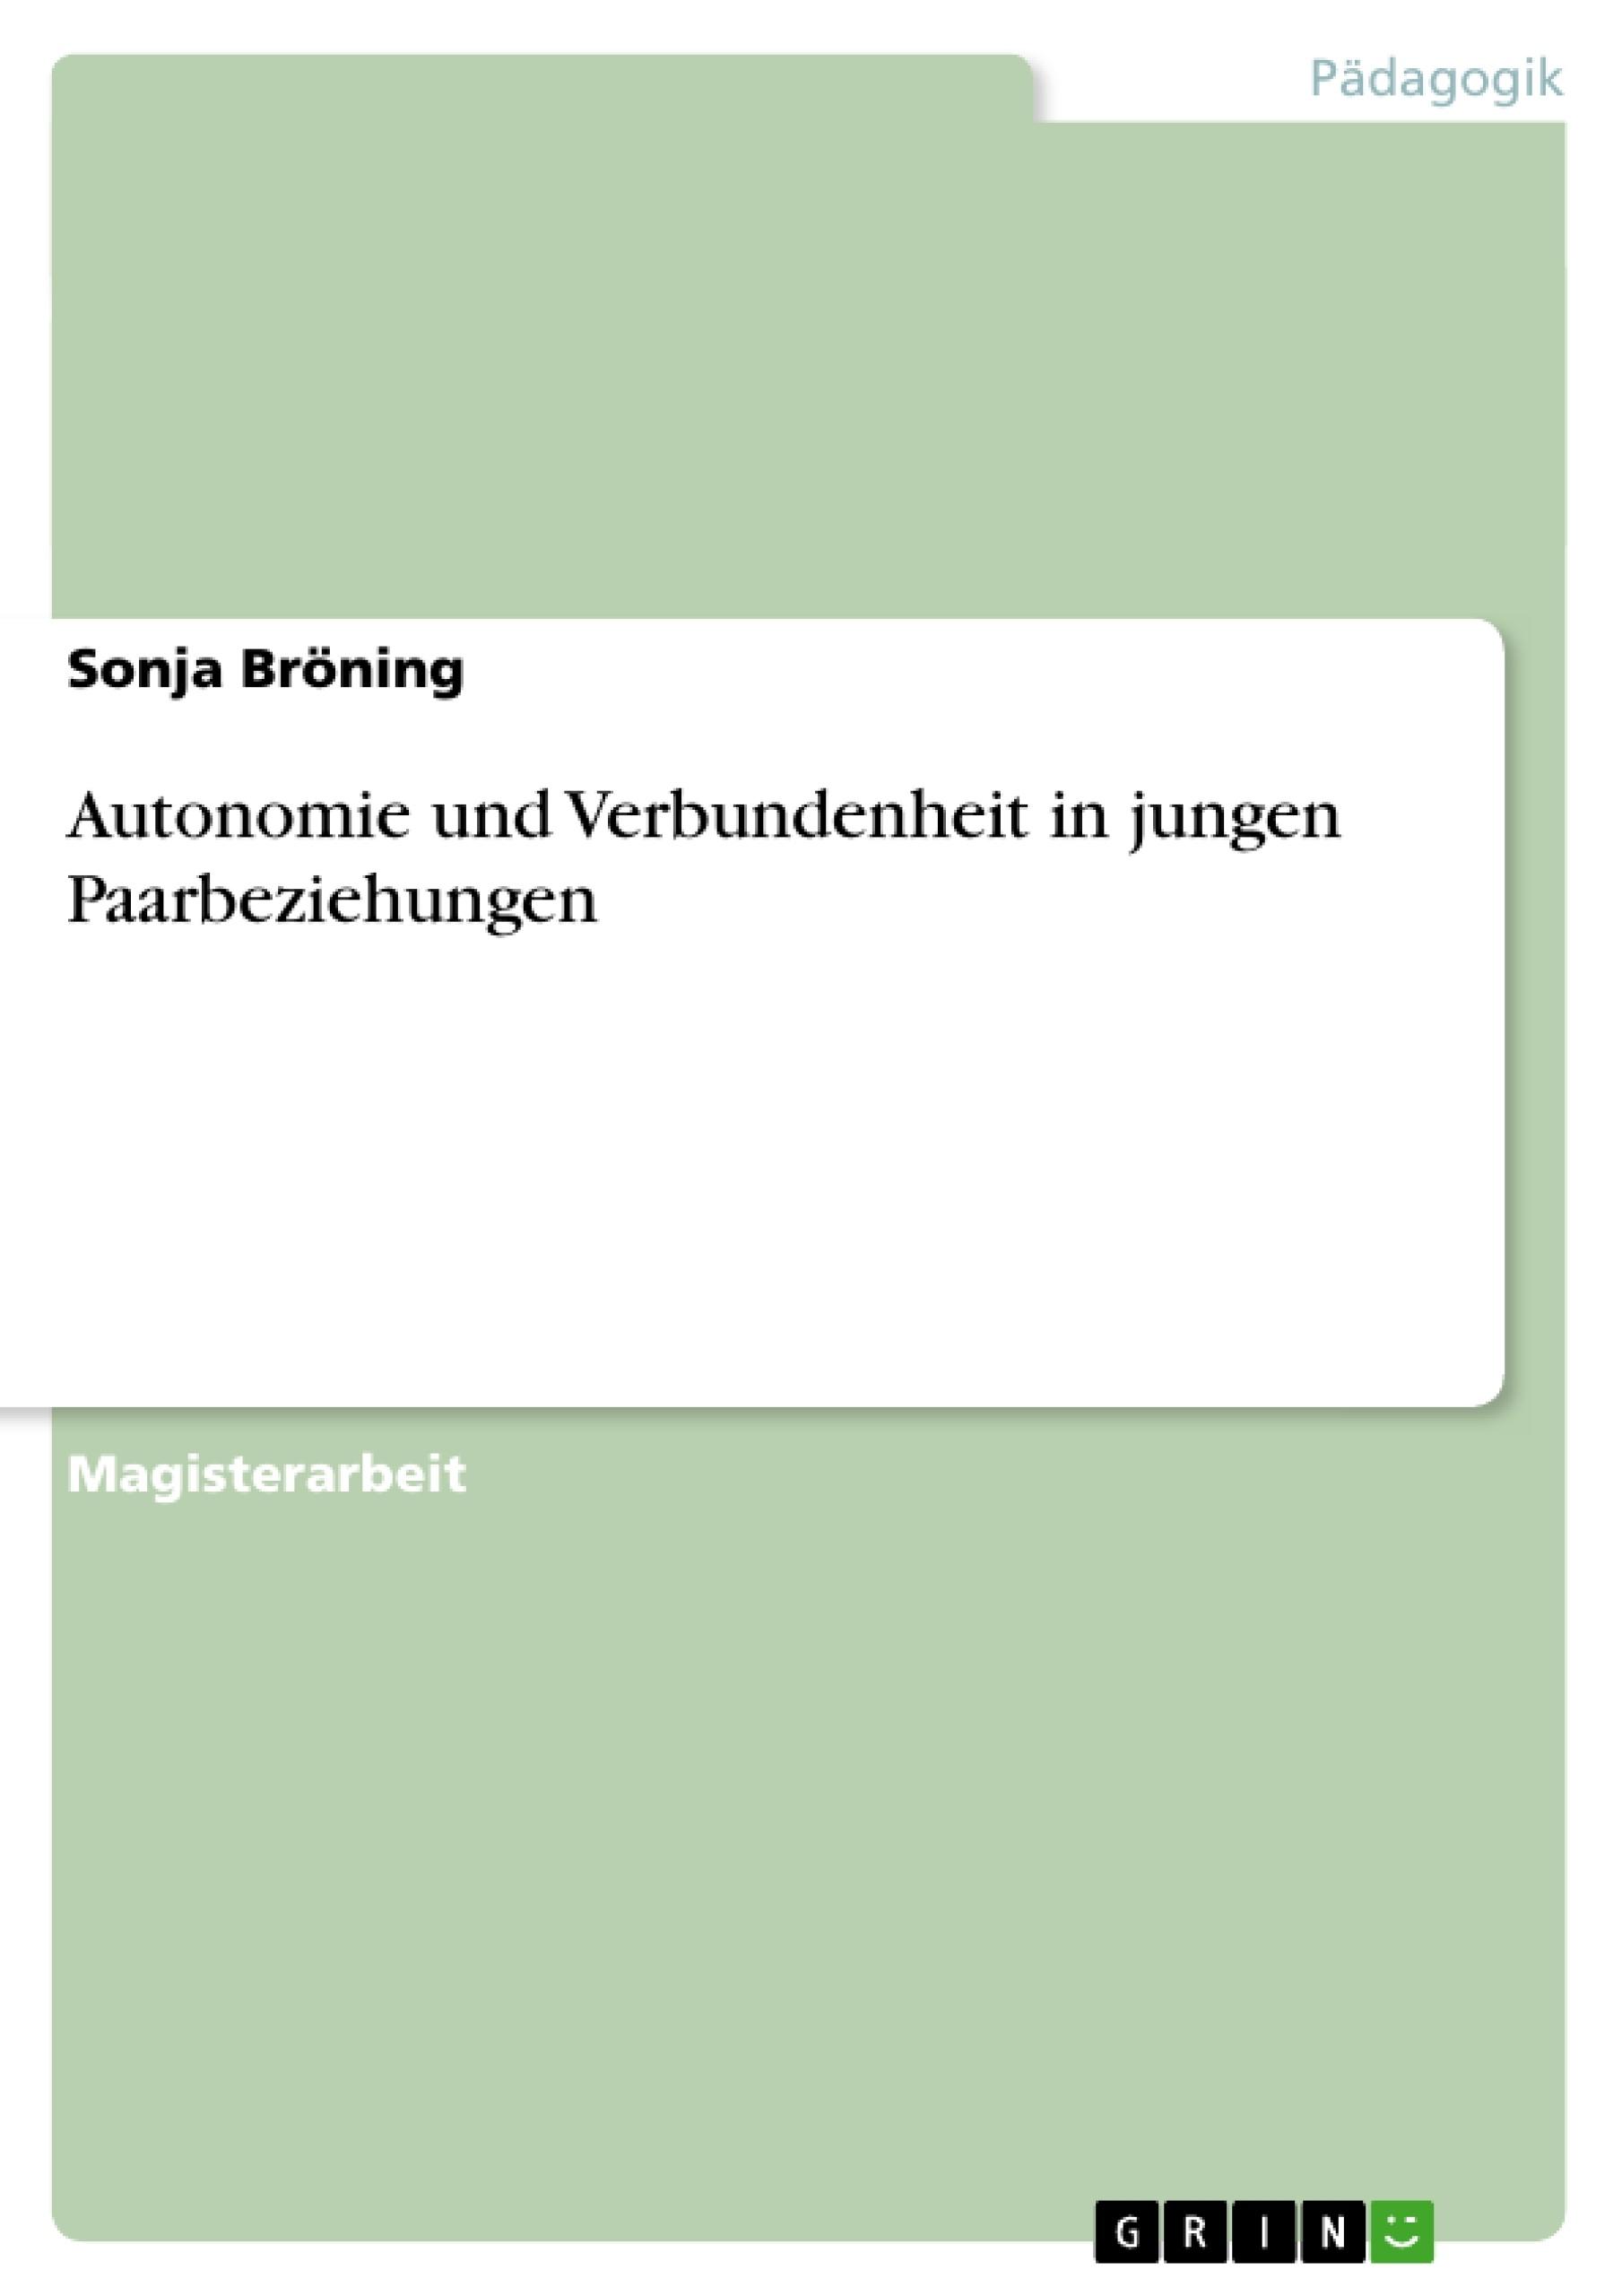 Titel: Autonomie und Verbundenheit in jungen Paarbeziehungen